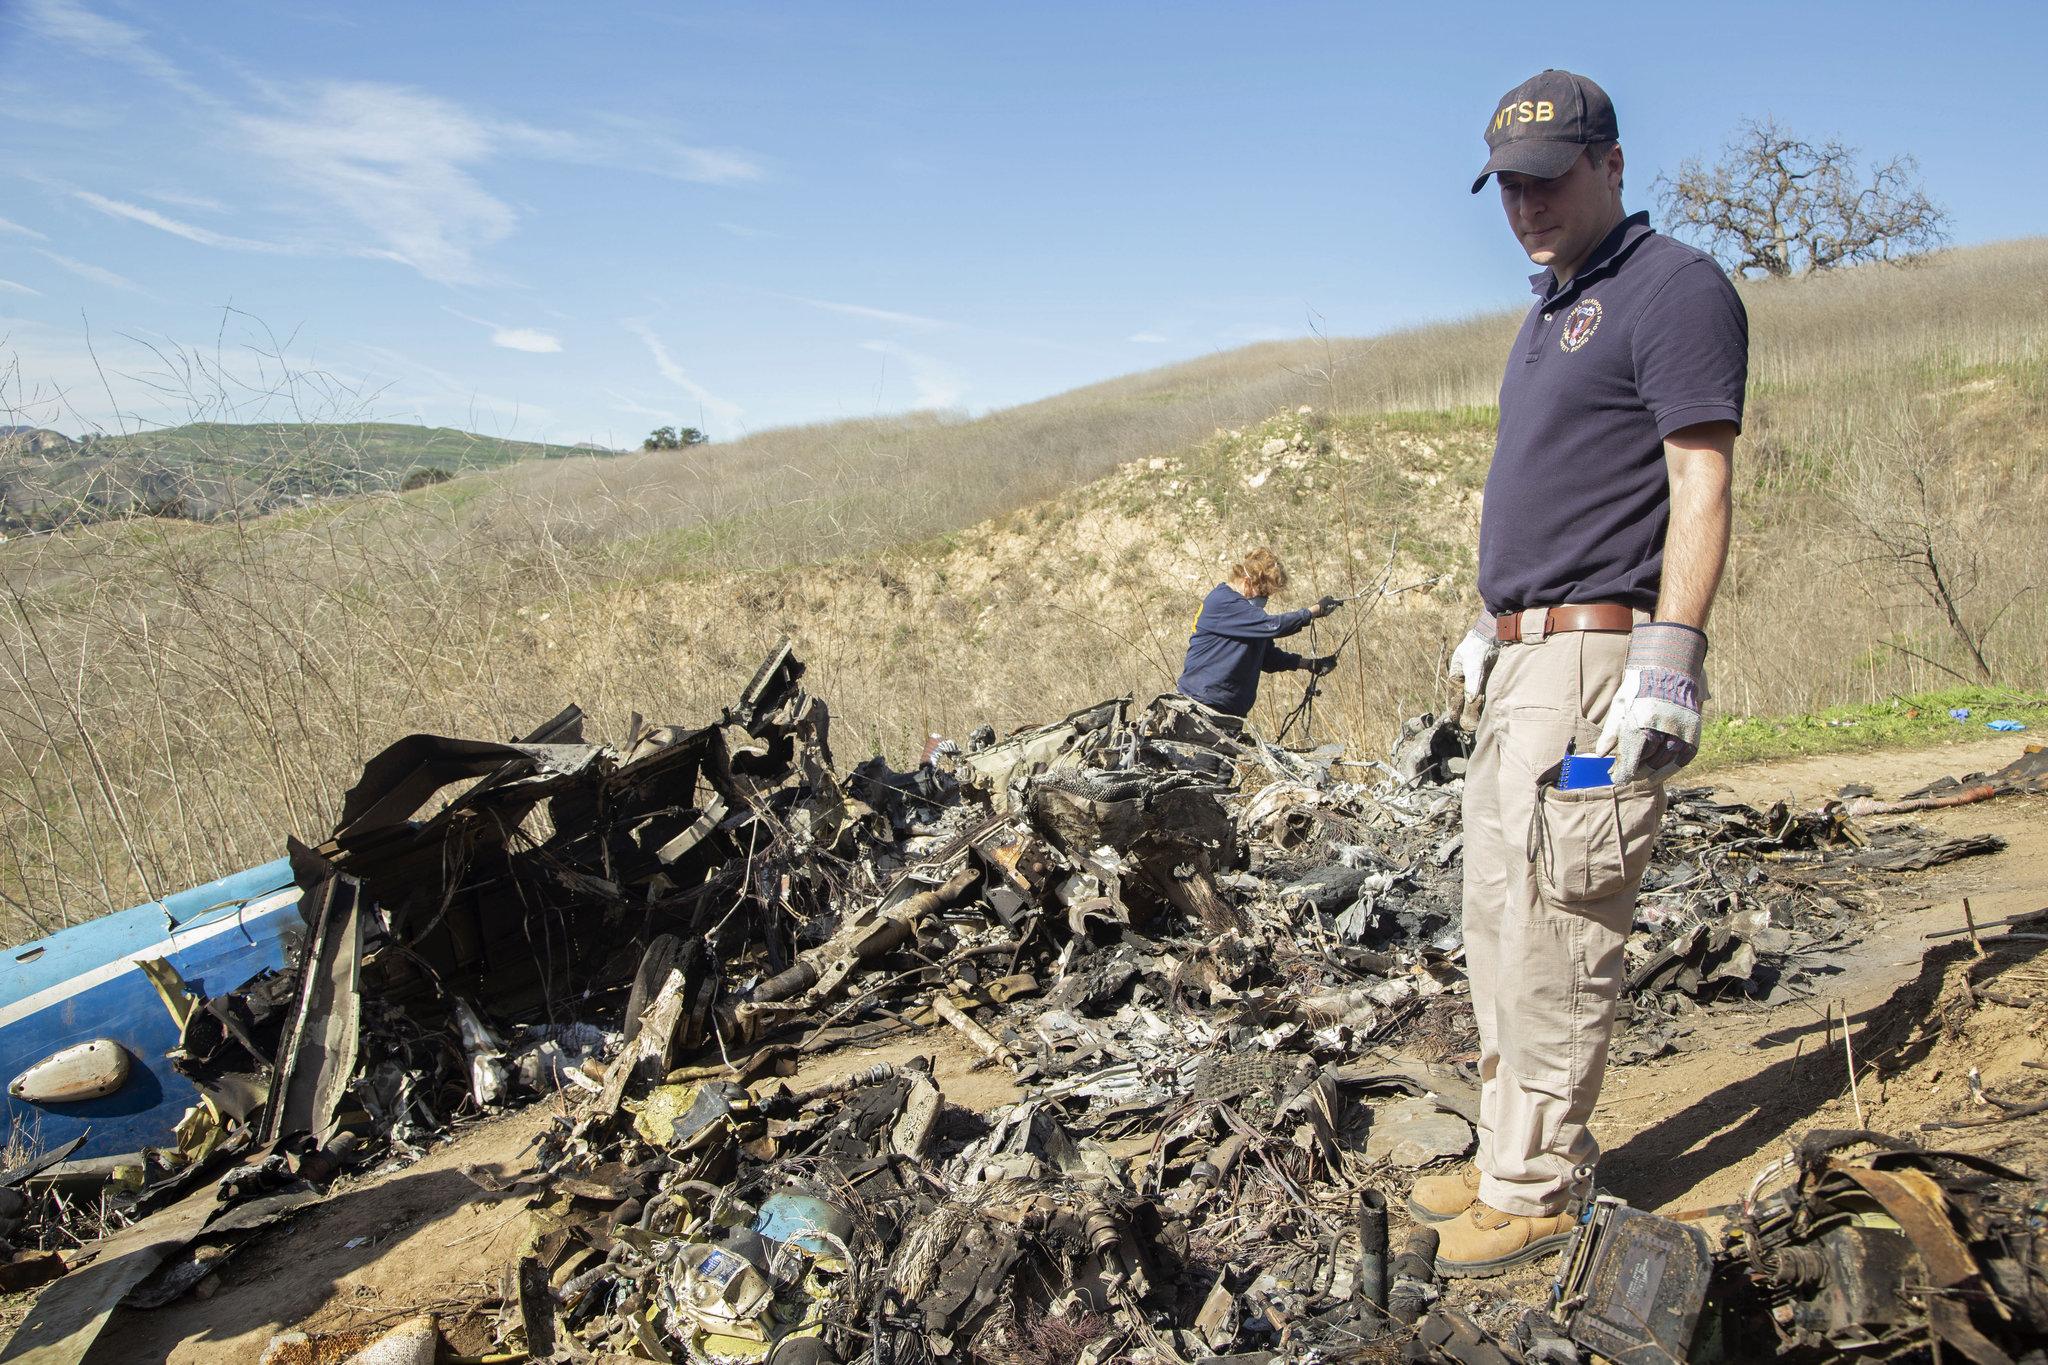 加州因科比事故现场被违规拍照设置法律禁止此类行为